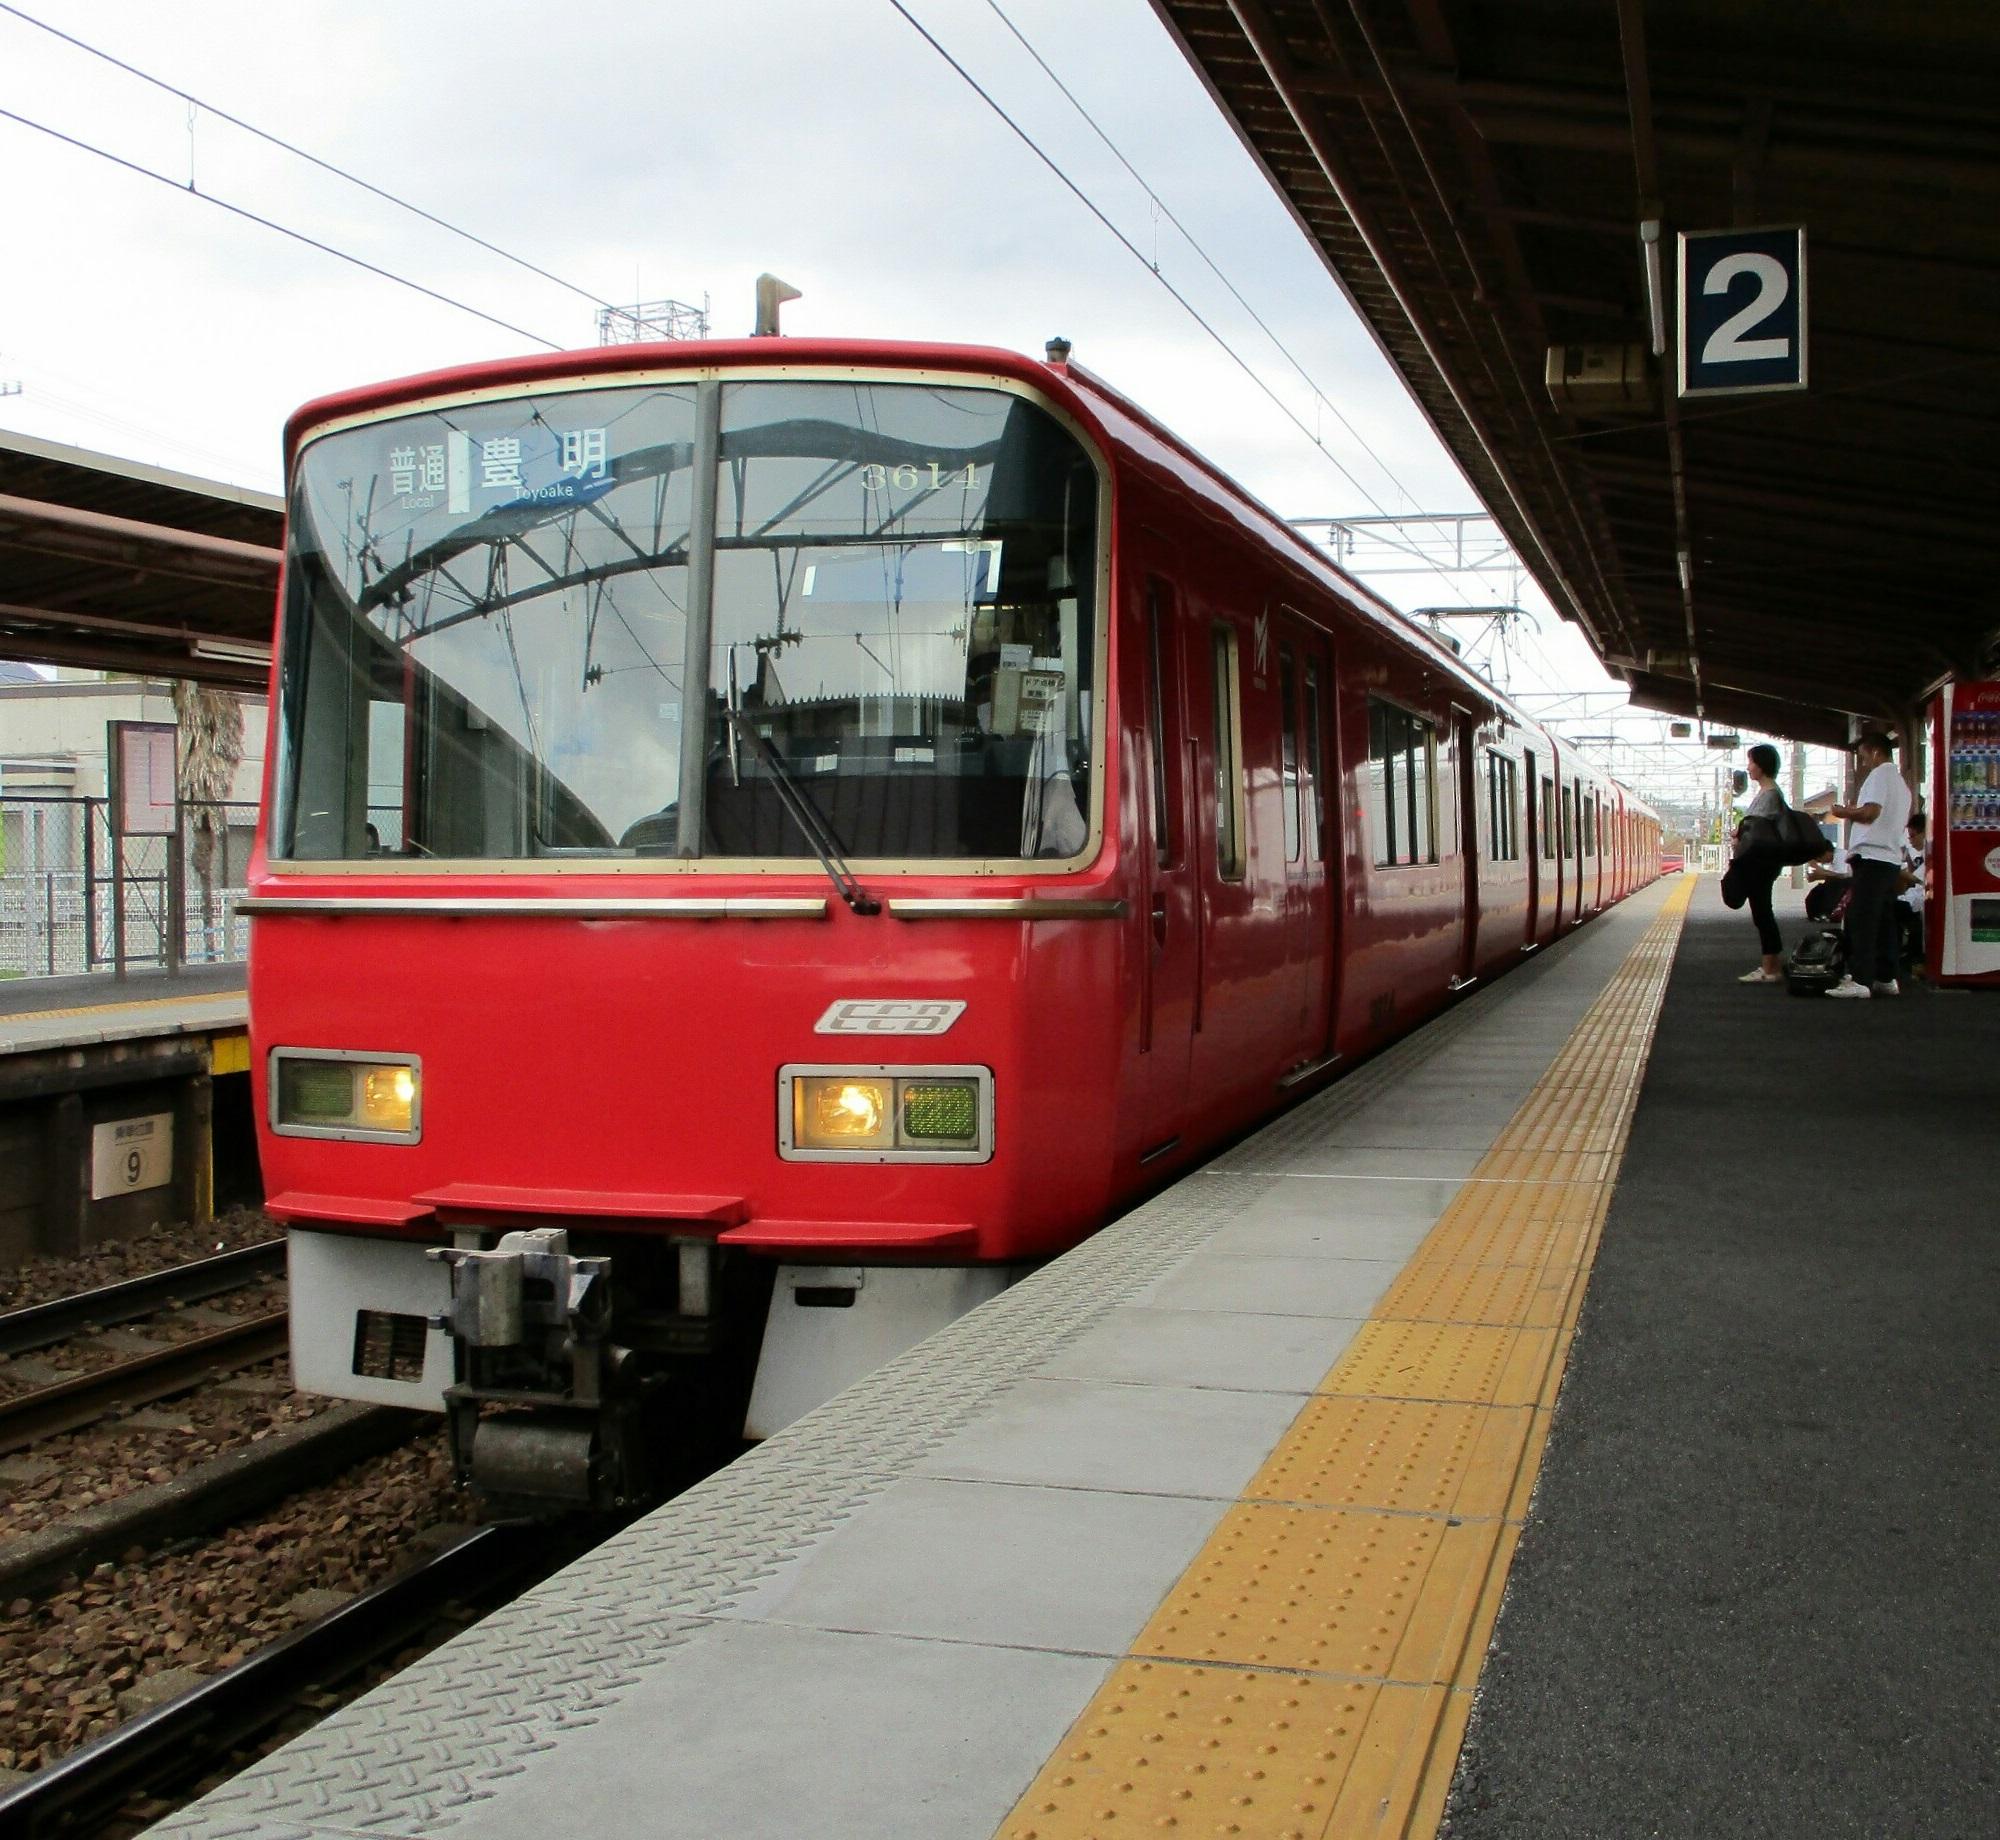 2018.6.11 (15) 矢作橋 - 豊明いきふつう 2000-1840